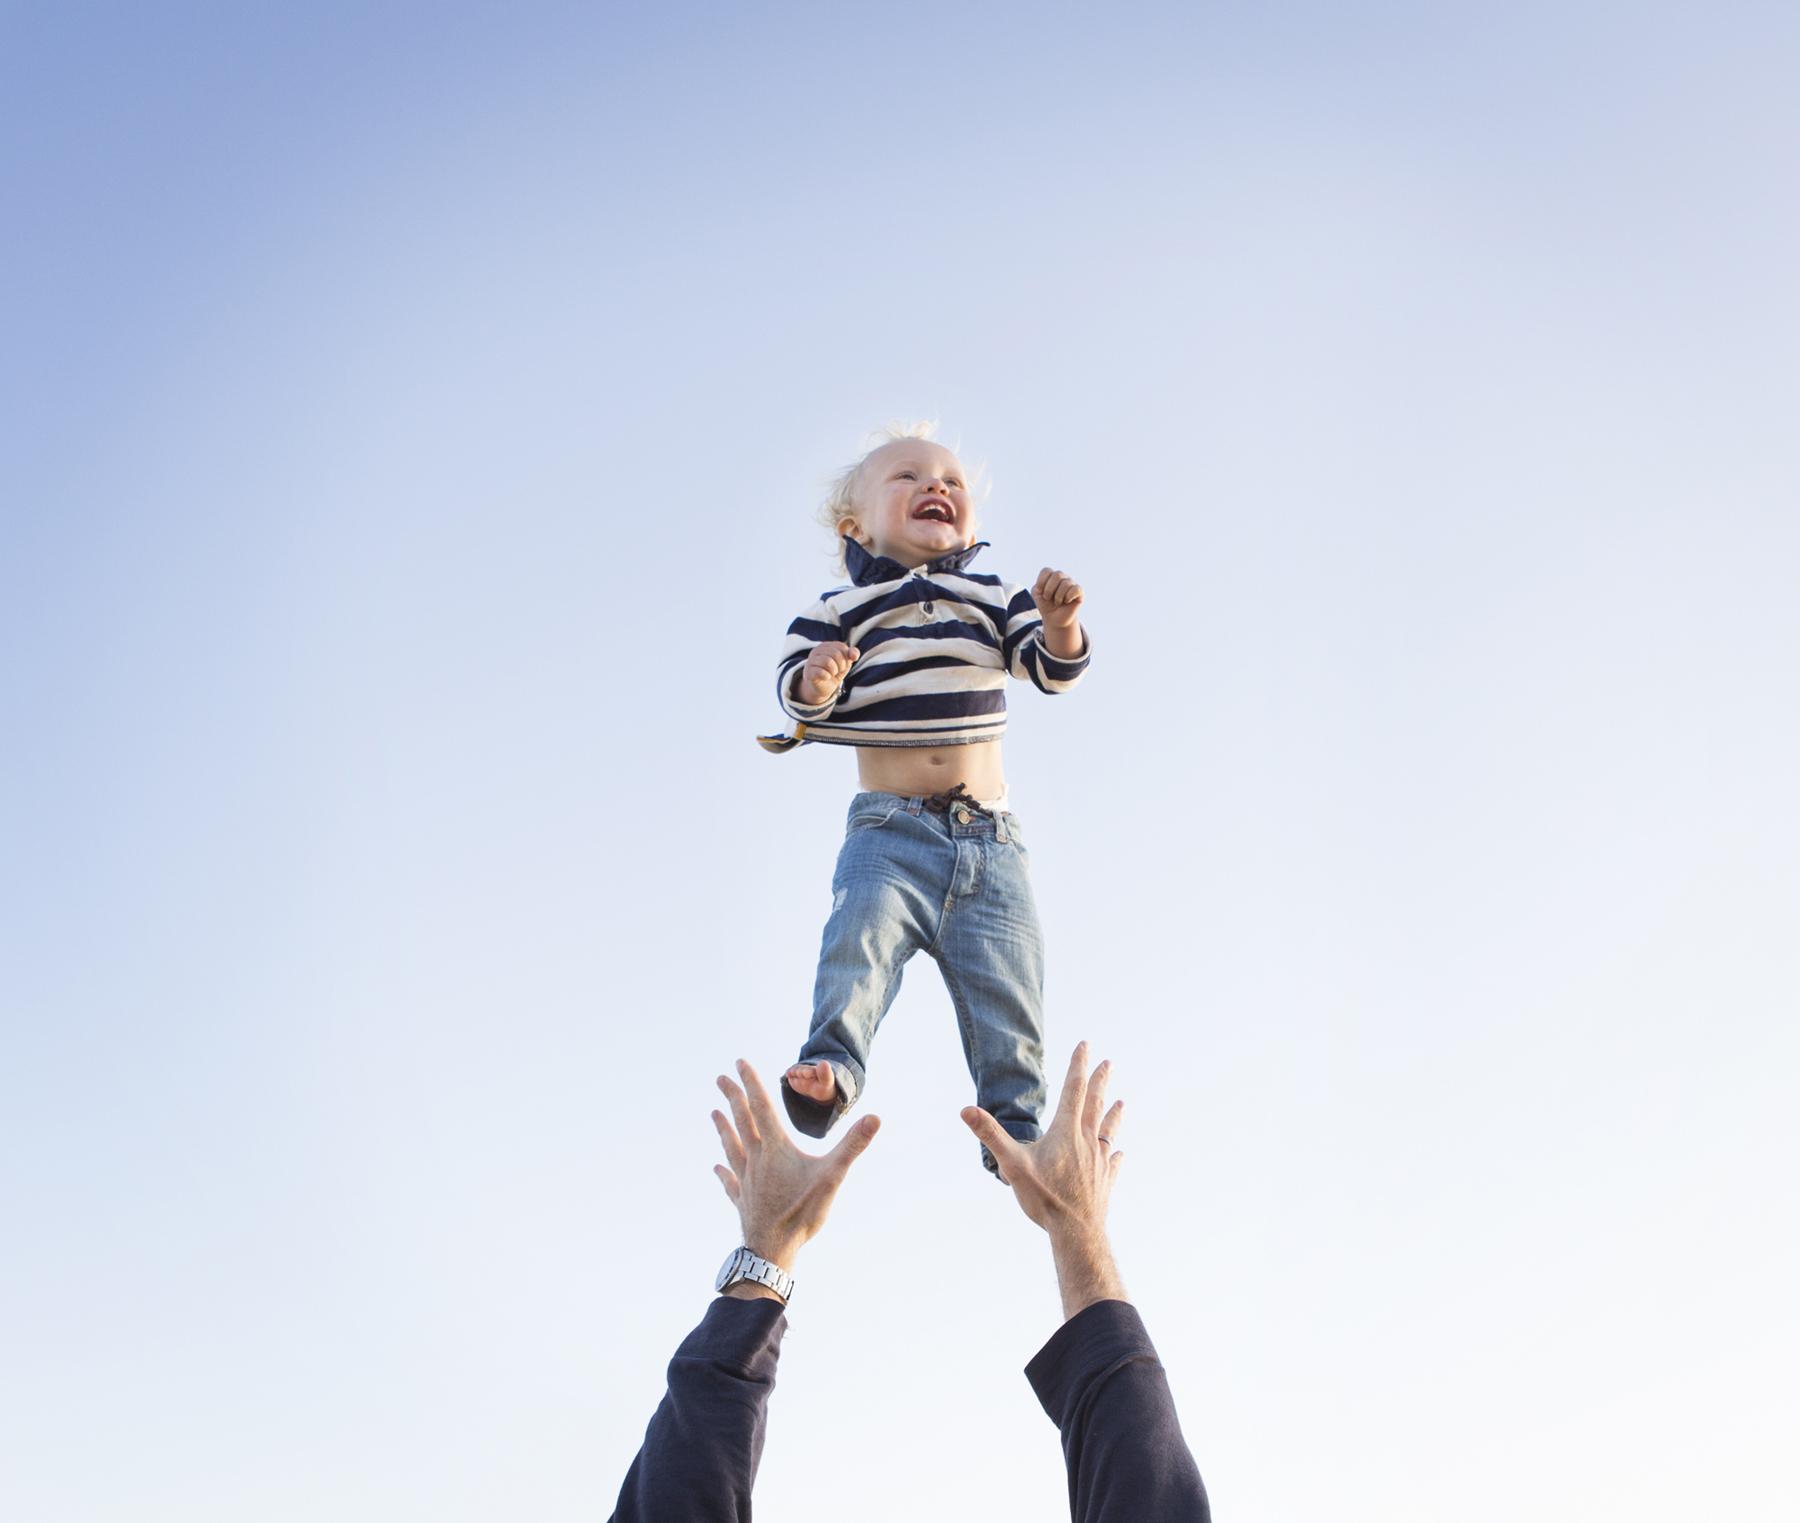 diephuis-father-son-parent-12.jpg